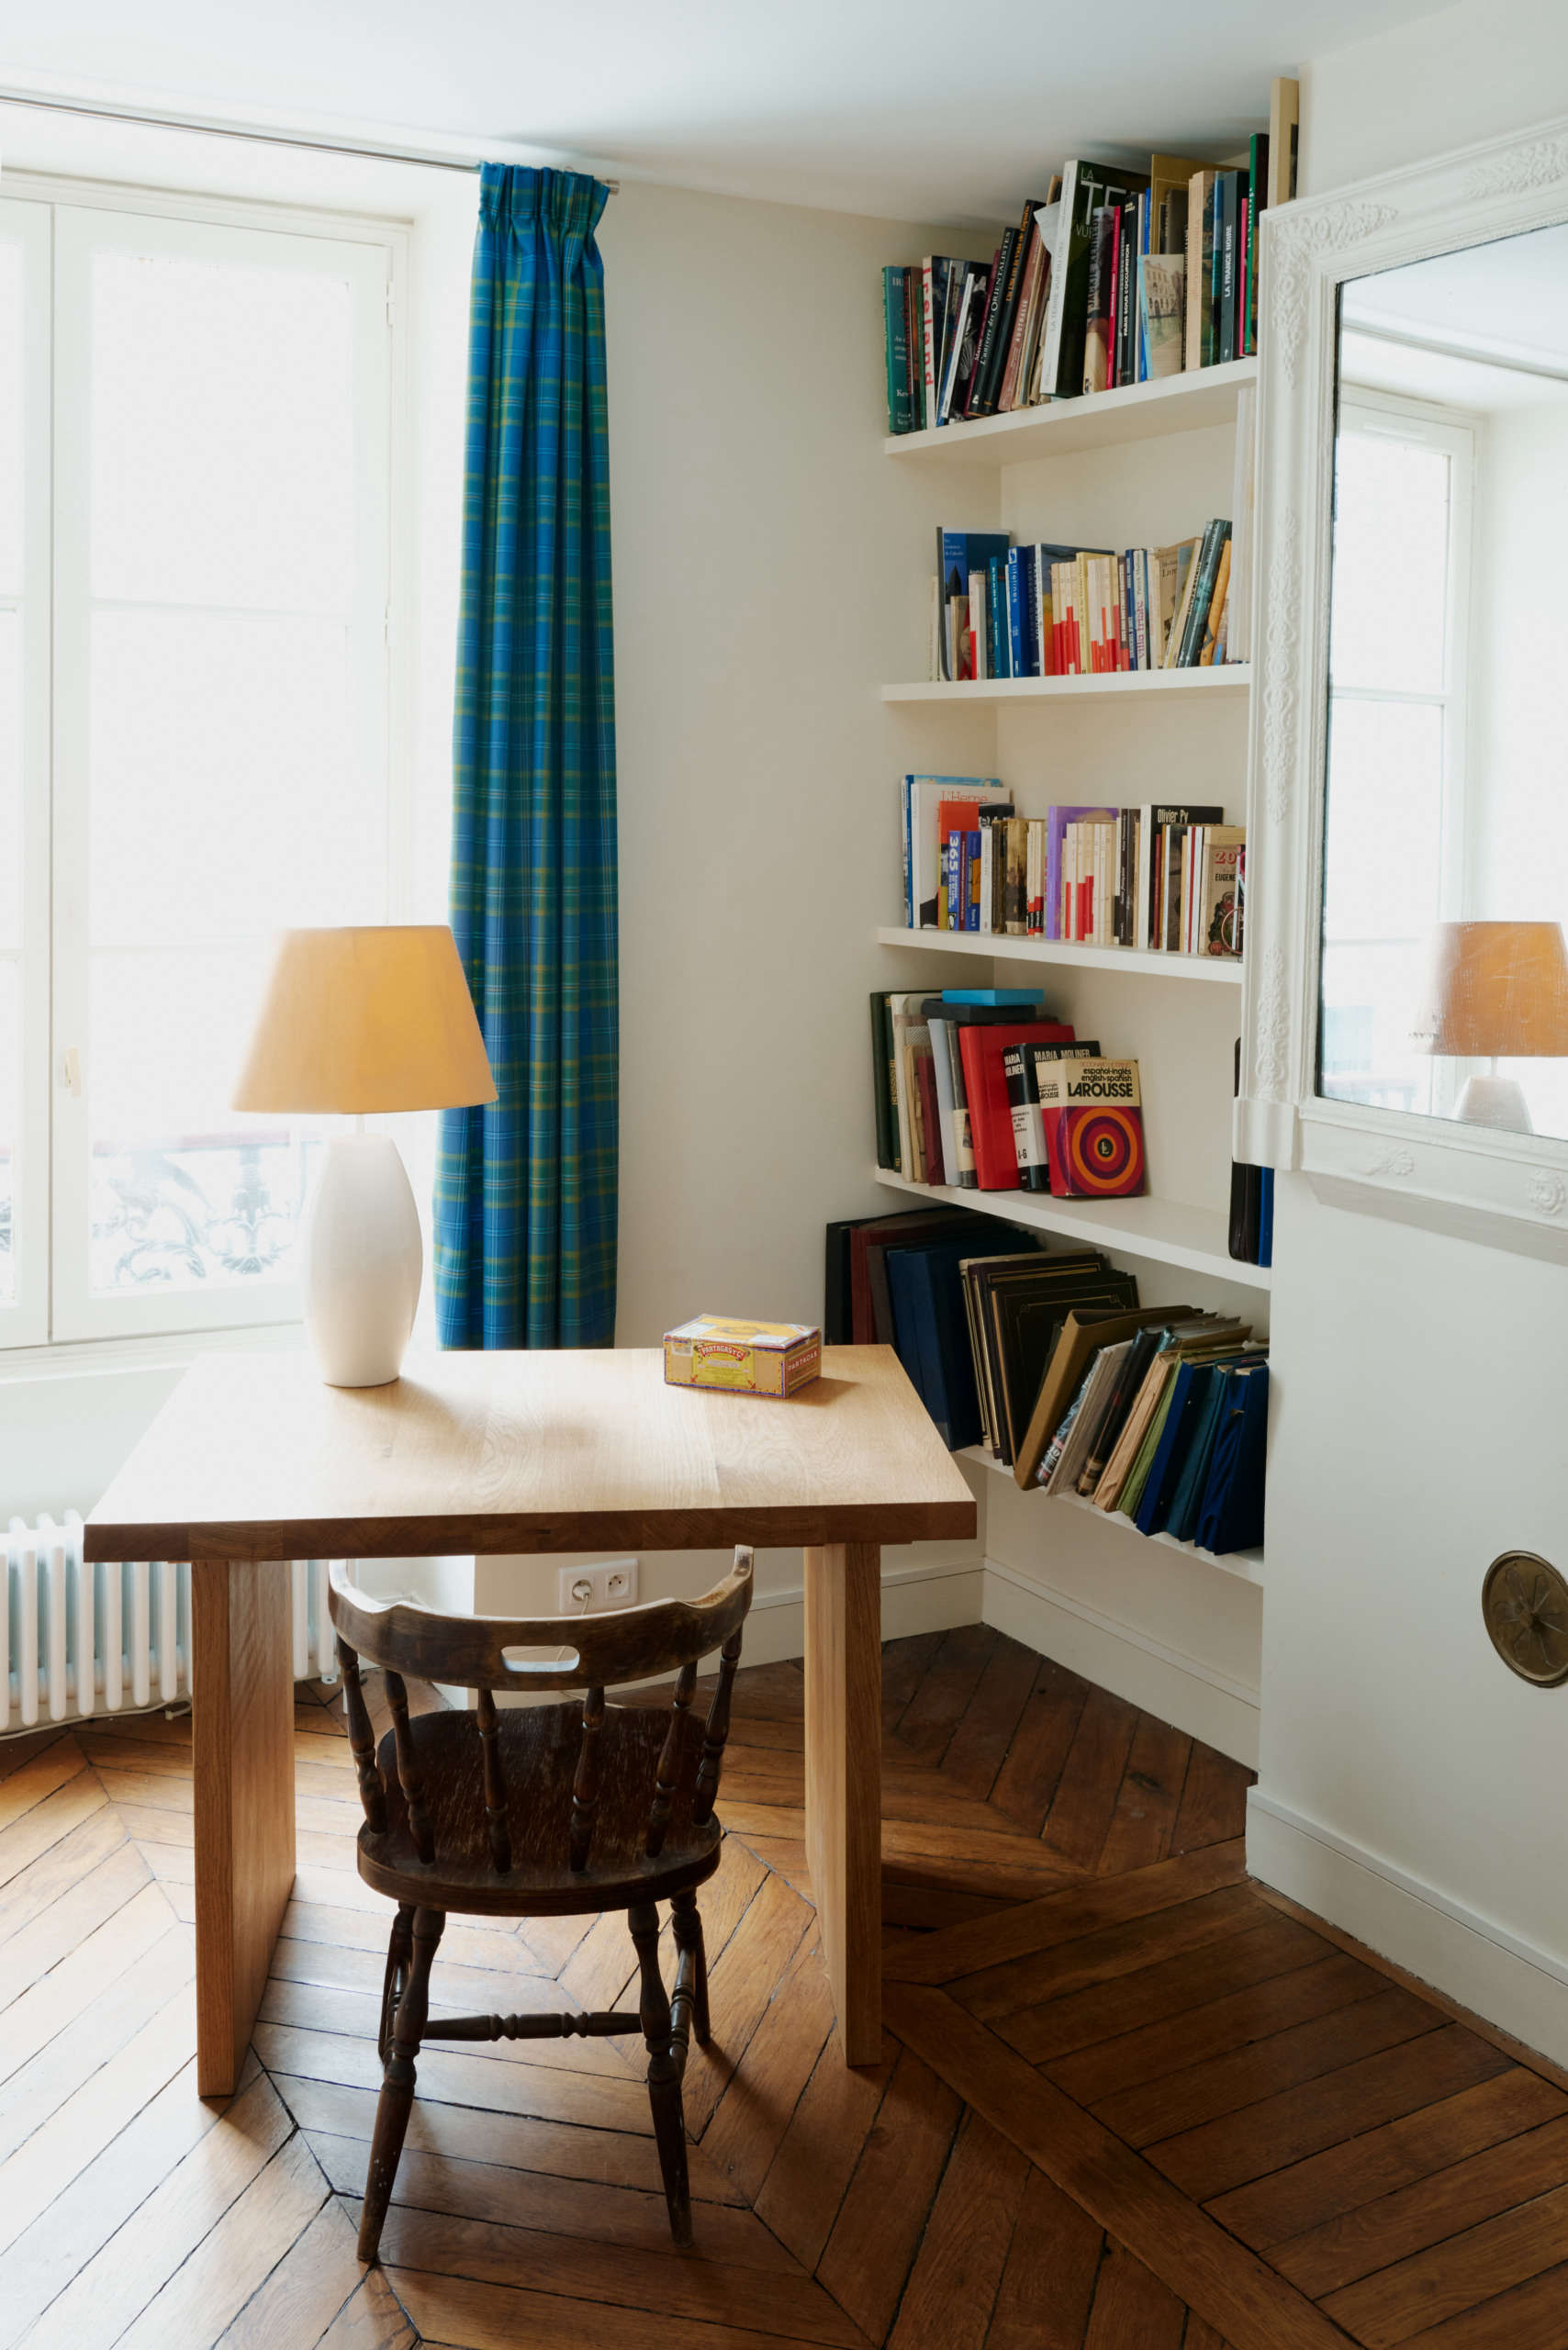 一间别致的法式房间的关键是什么?没有完美,没有严格。相反,把桌子放在一个角度上,让书倾斜到任何方向,就像在这个角落里的巴黎公寓在之前/之后:秩序和模式在一个充满活力的巴黎公寓改造由两位年轻的建筑师。Marvin Leuvrey和Charlotte Robin拍摄,由Studio Classico提供。